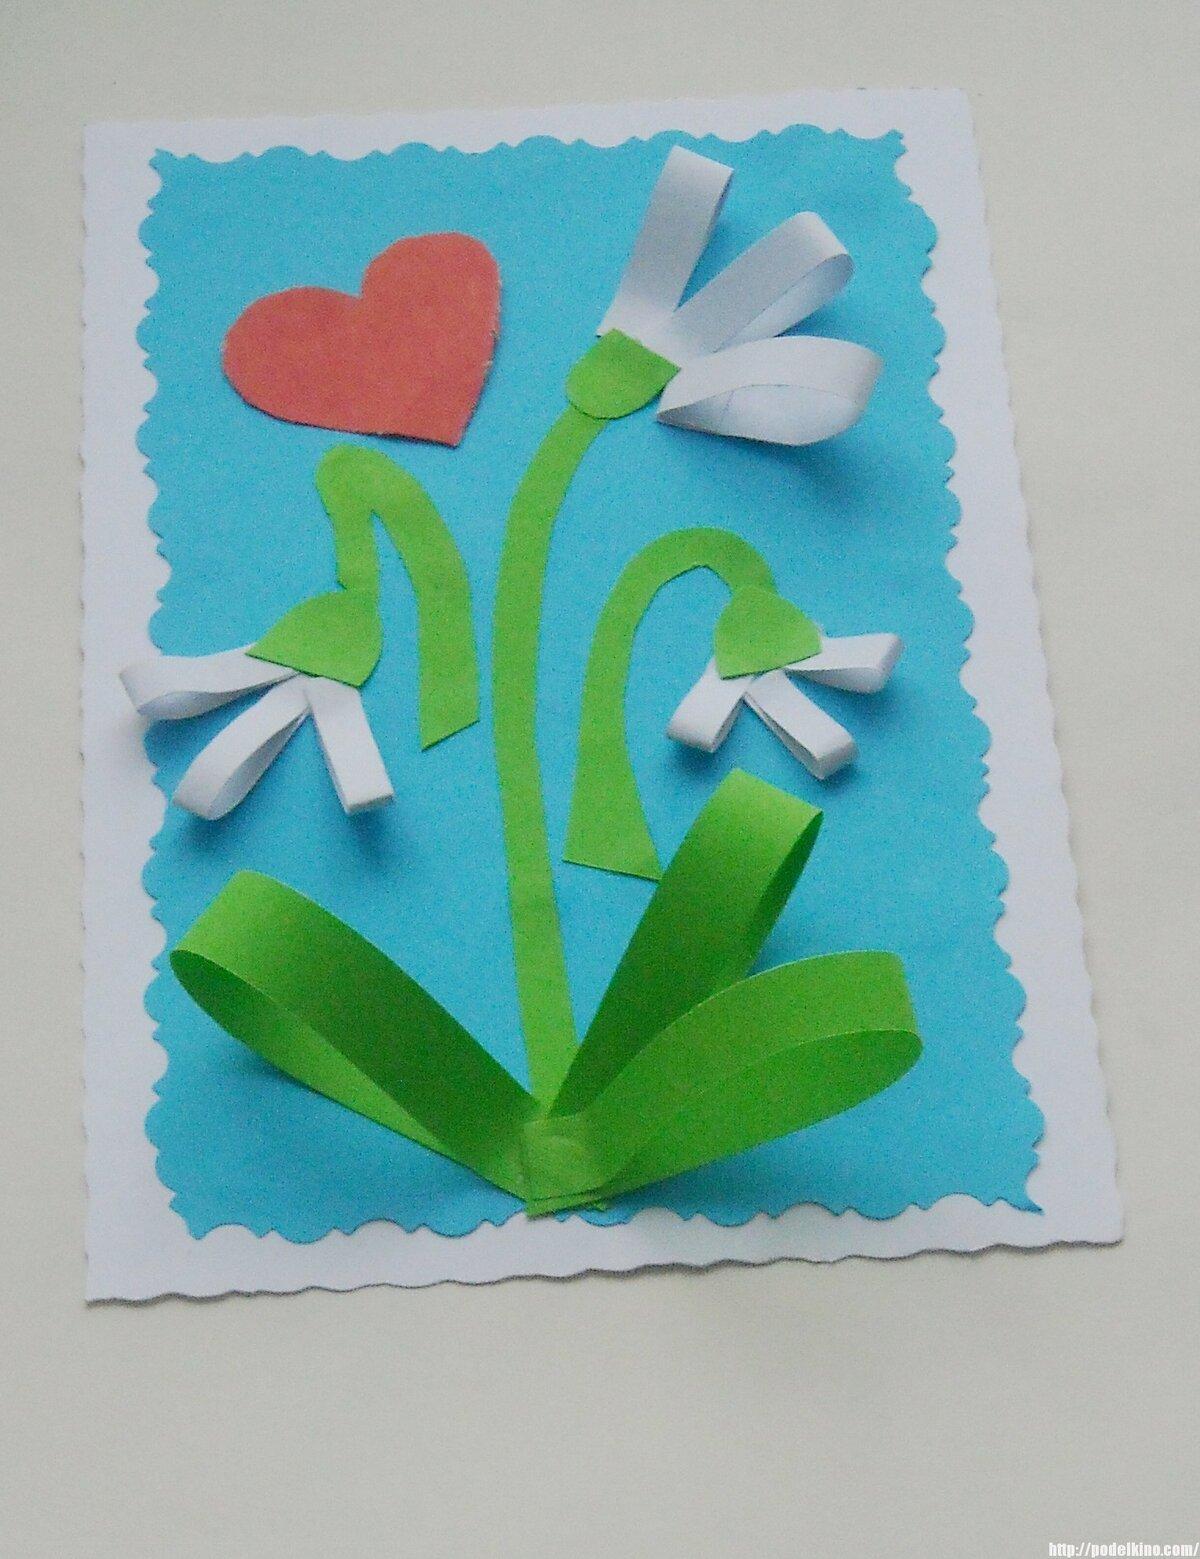 Как сделать поздравительную открытку маме на 8 марта, задачи картинками